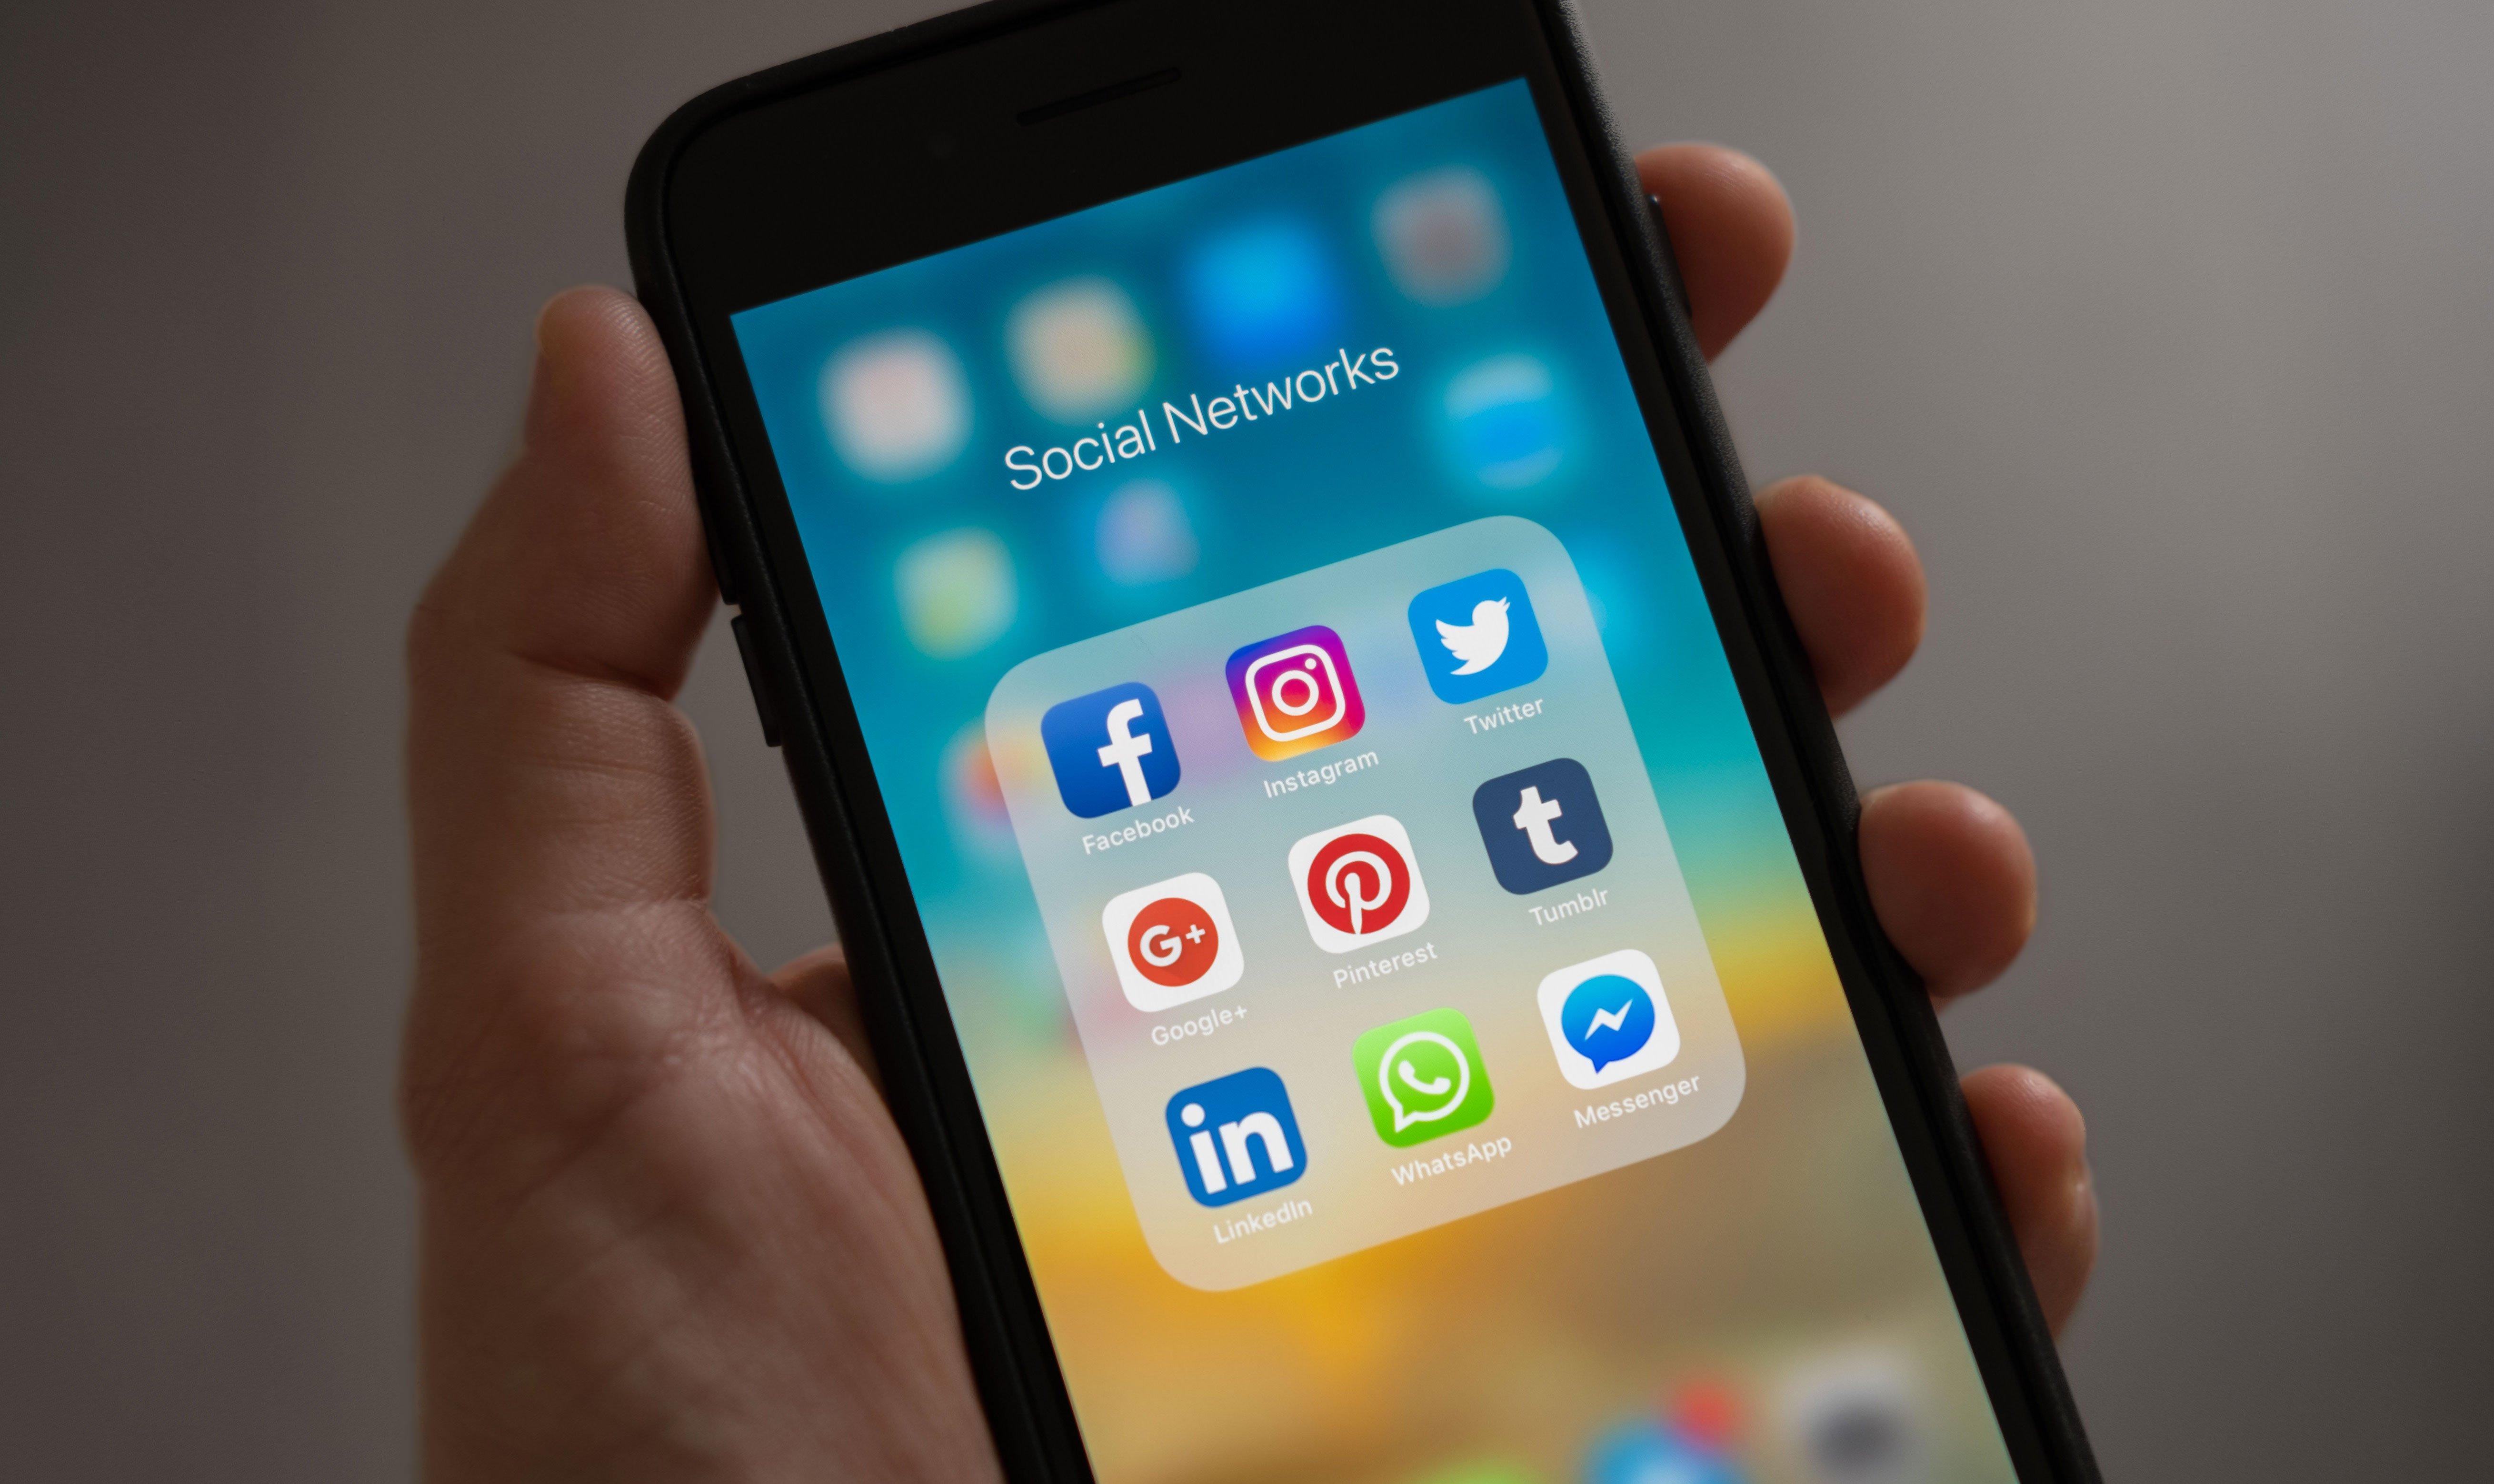 coinvolgere utenti sui social network